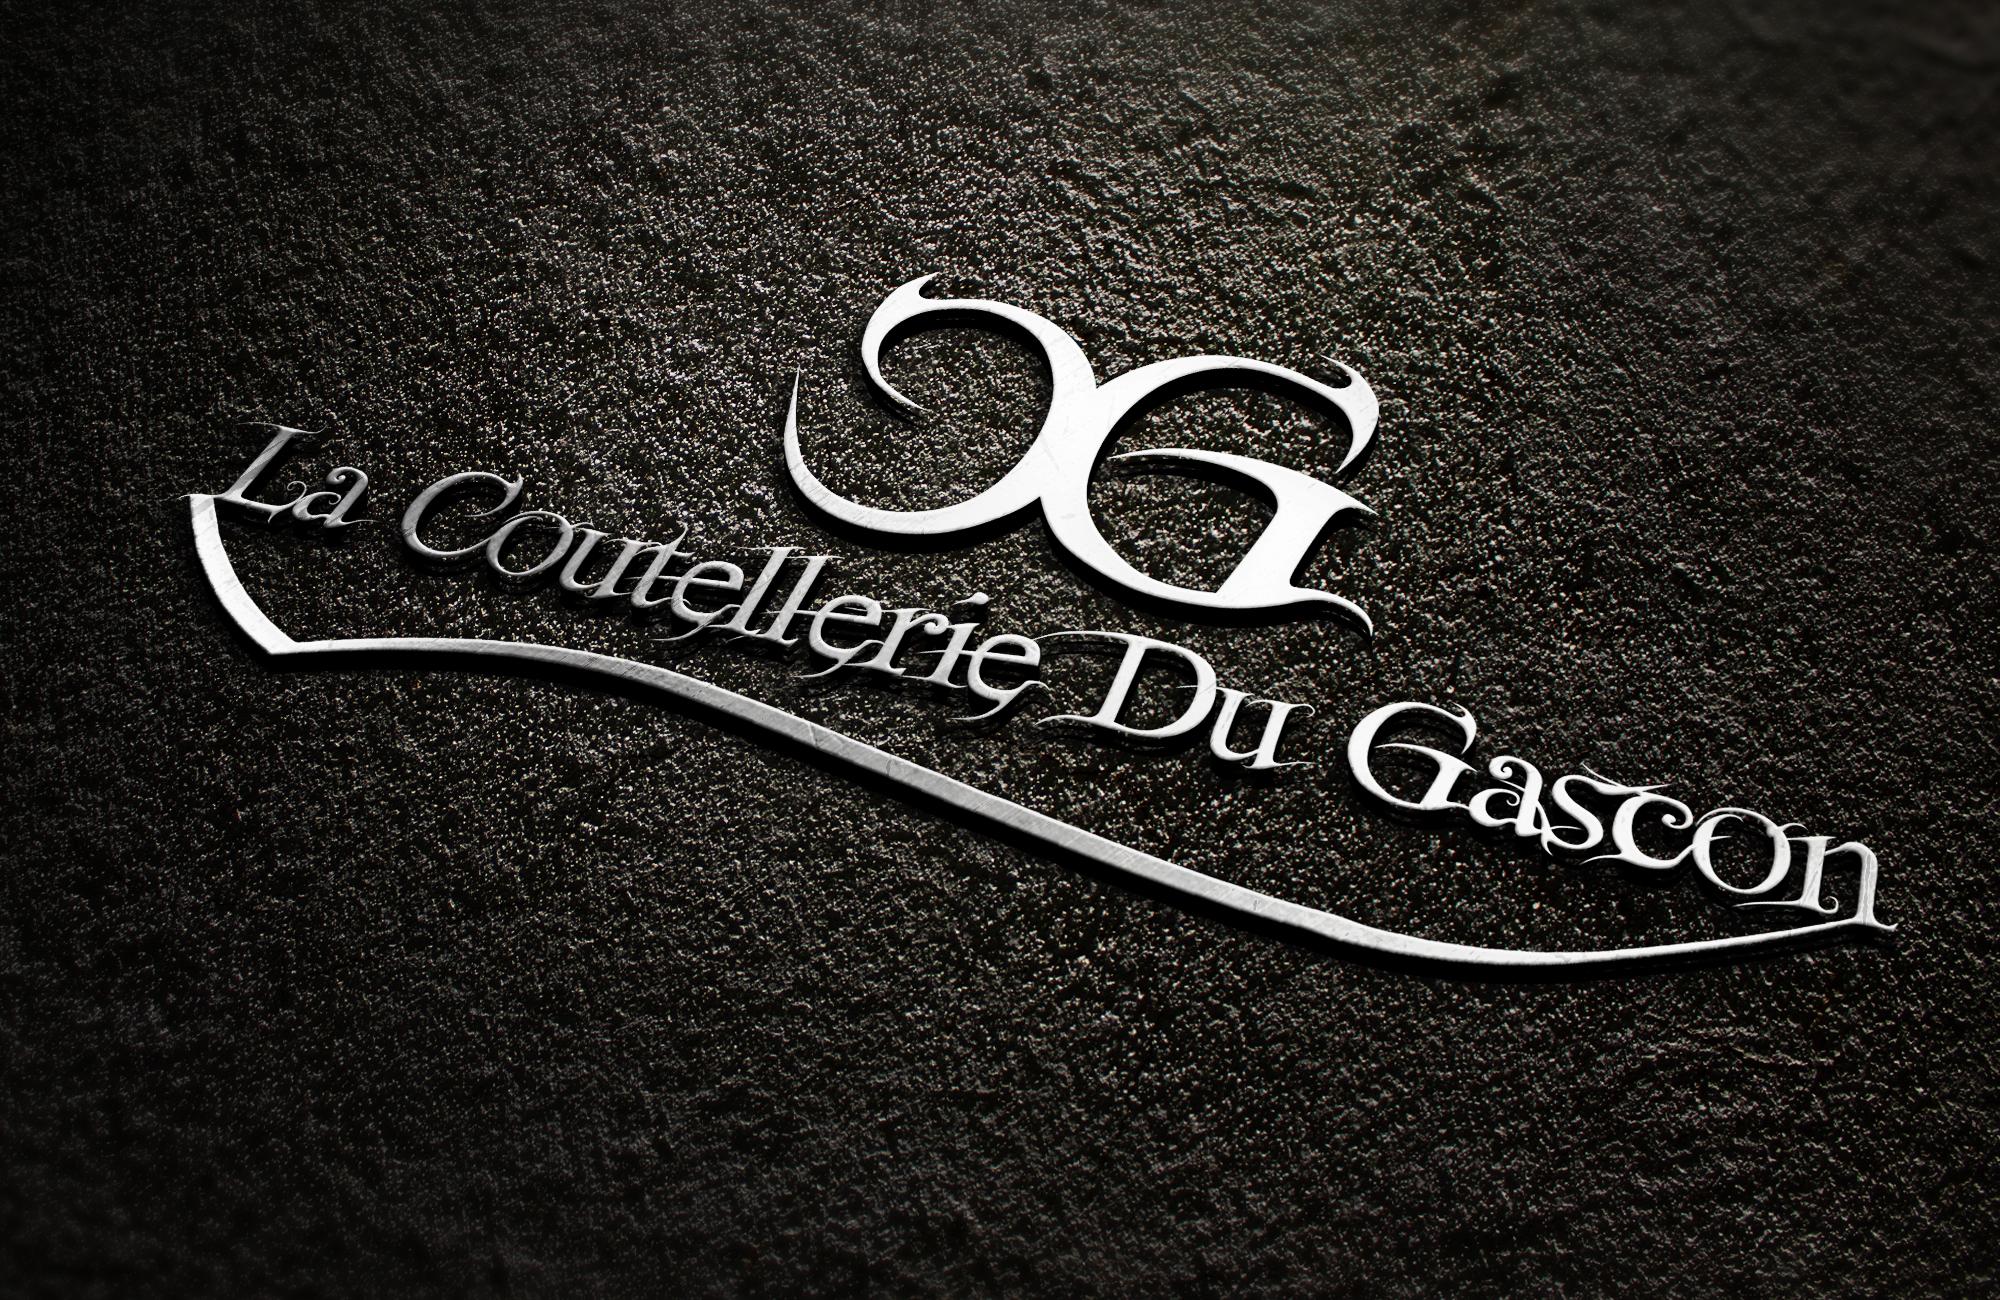 La Coutellerie du Gascon